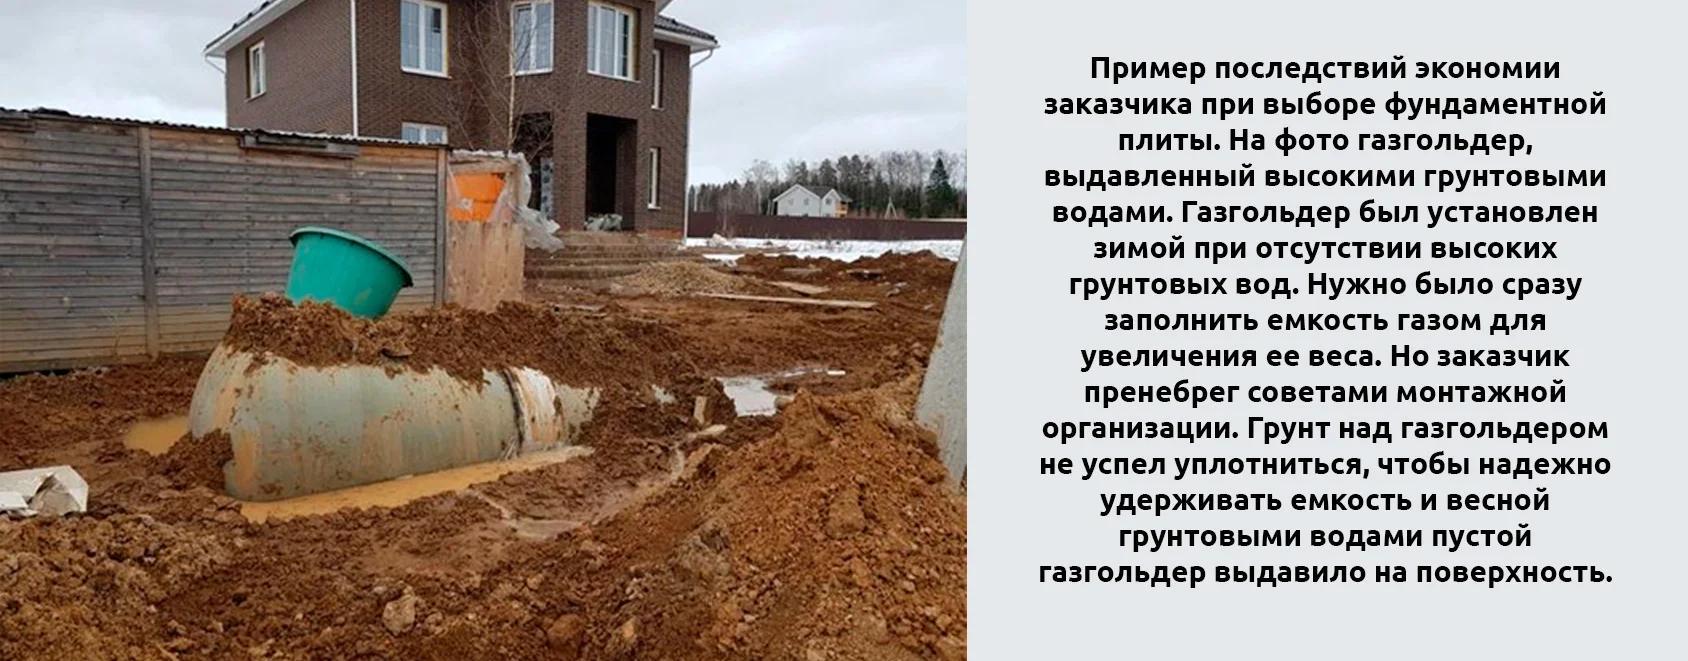 Фото последствий применения пустотелых фундаментов при высоких грунтовых водах